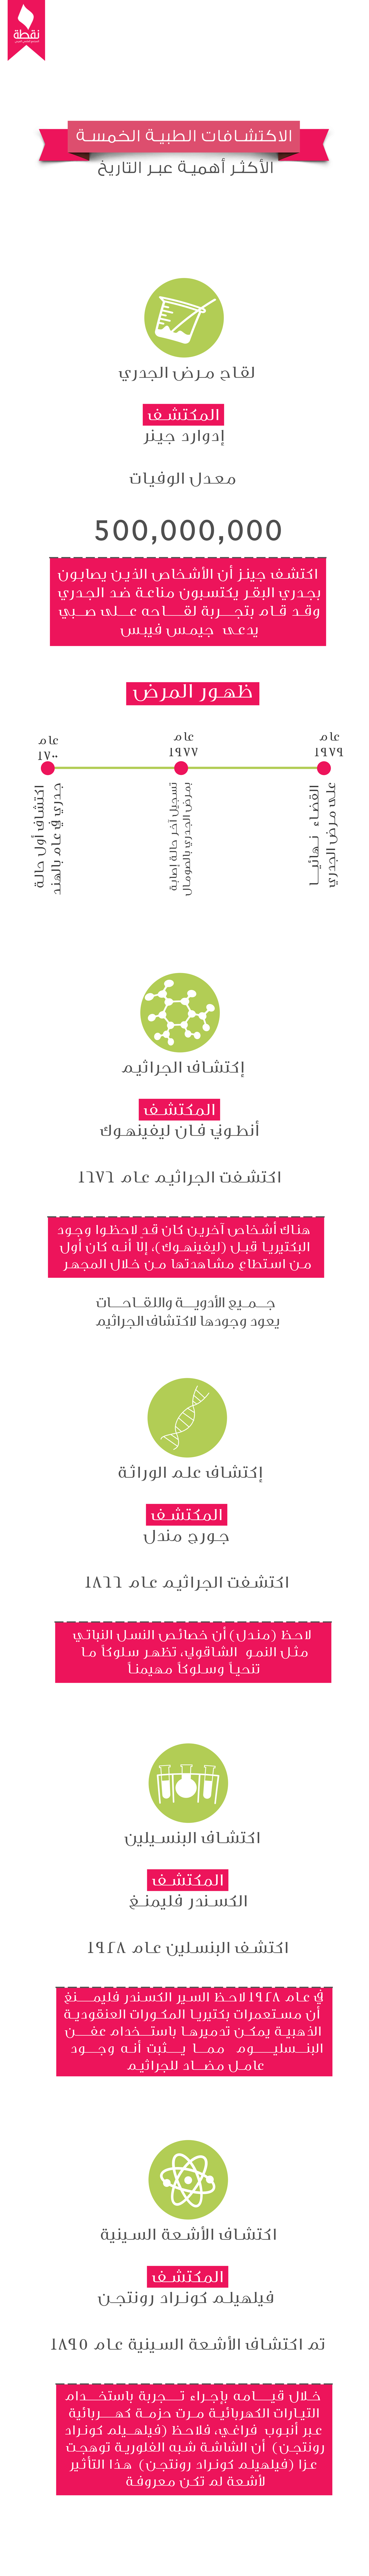 info5